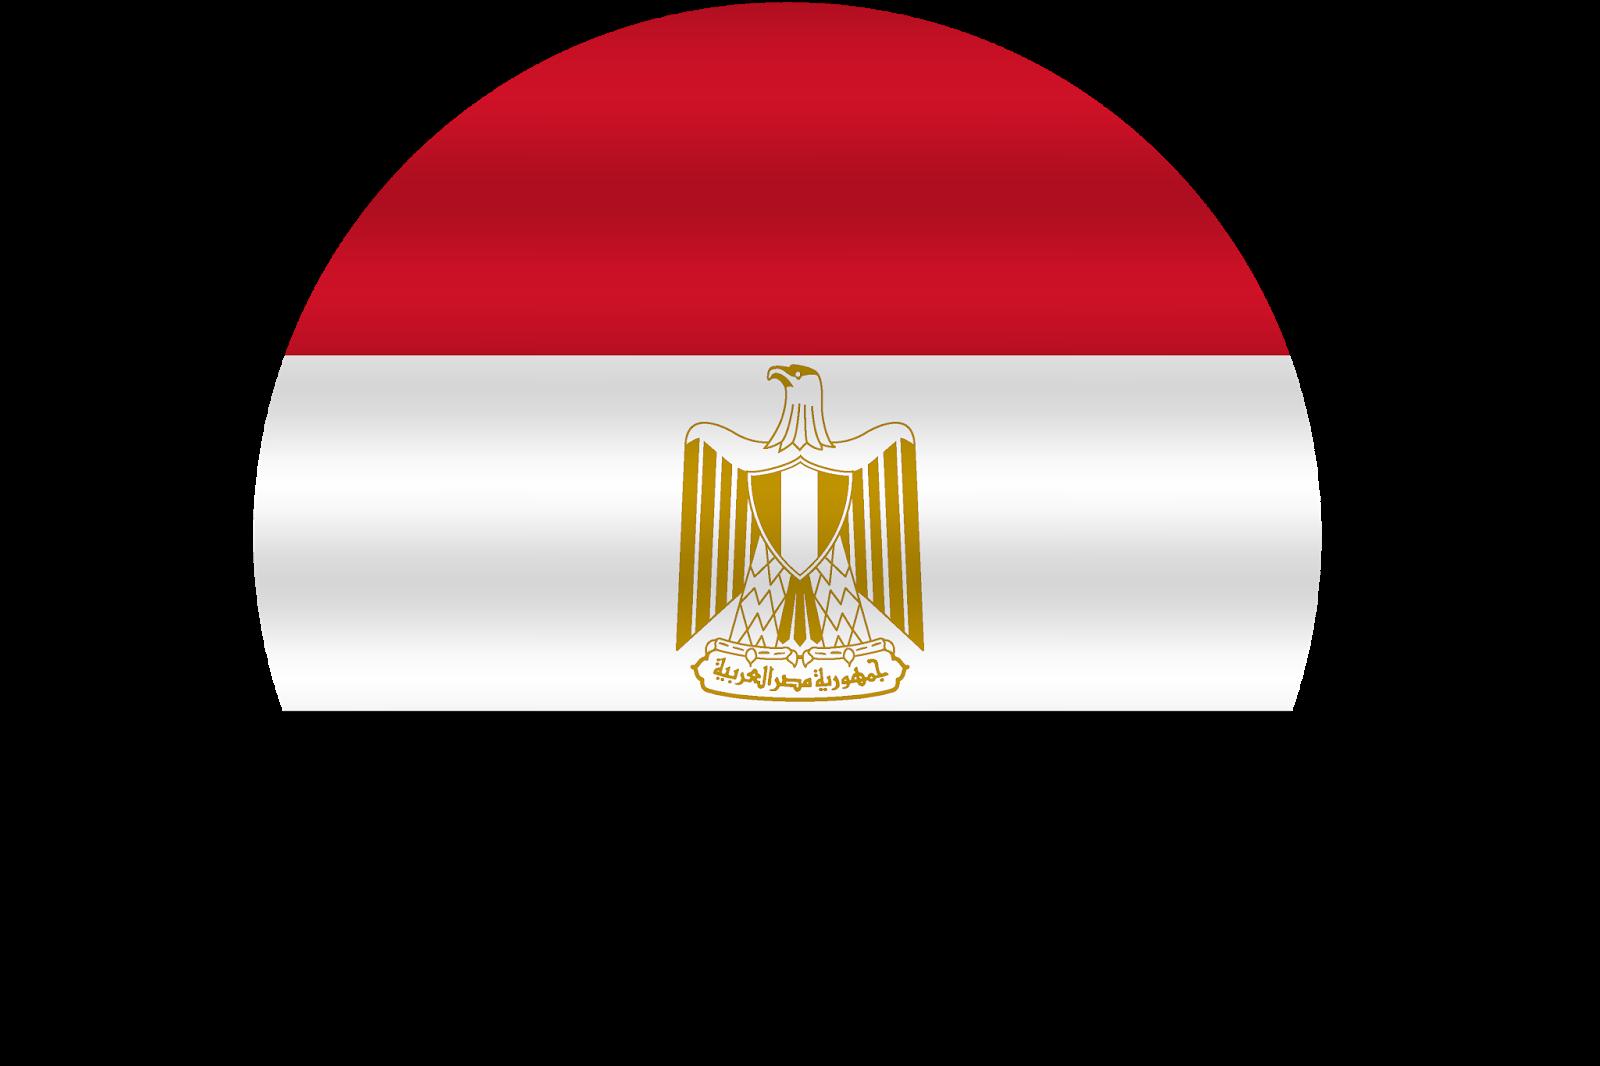 صورة علم جمهورية مصر العربية تحميل علم مصر الصور